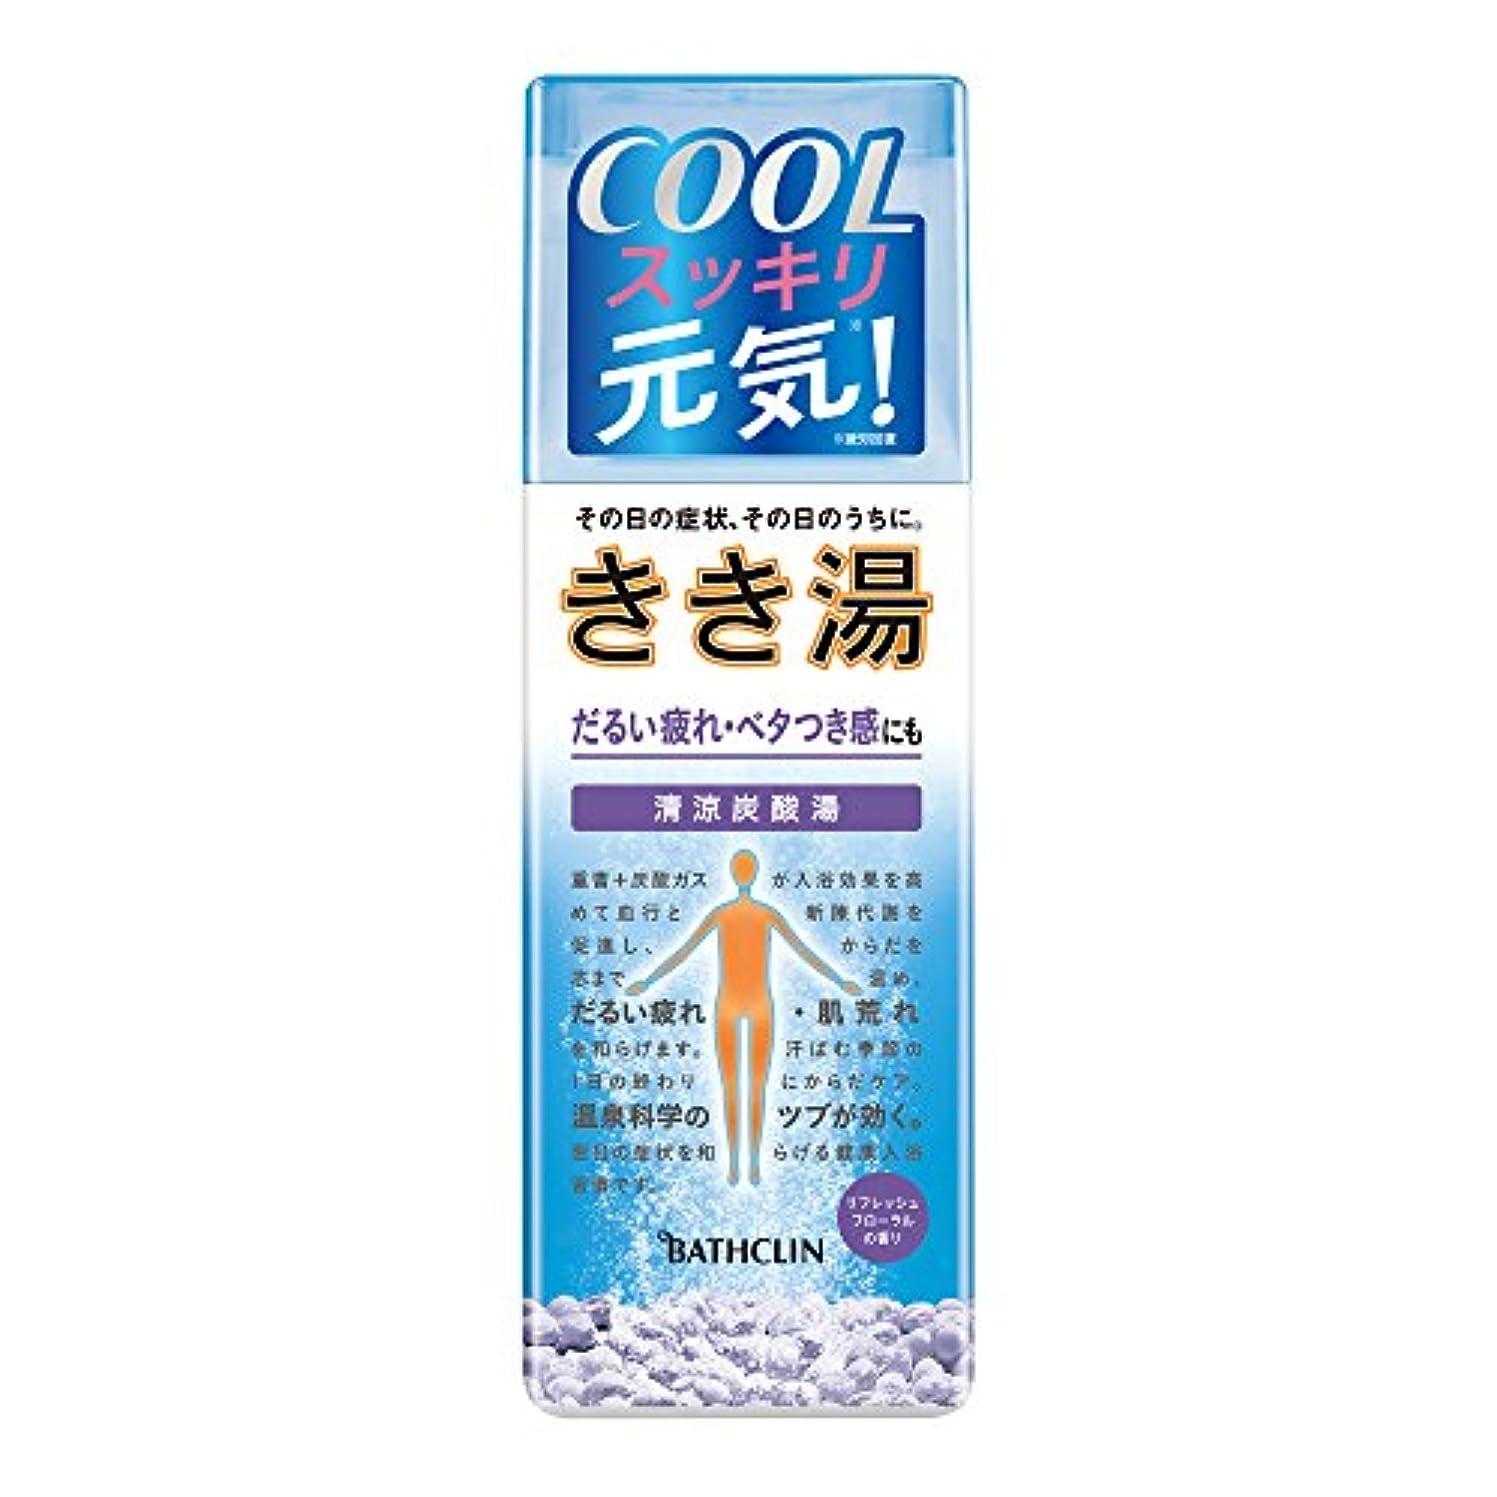 試用消費スチール【医薬部外品】きき湯清涼炭酸湯リフレッシュフローラルの香り 360gマリンブルーの湯透明タイプ 入浴剤